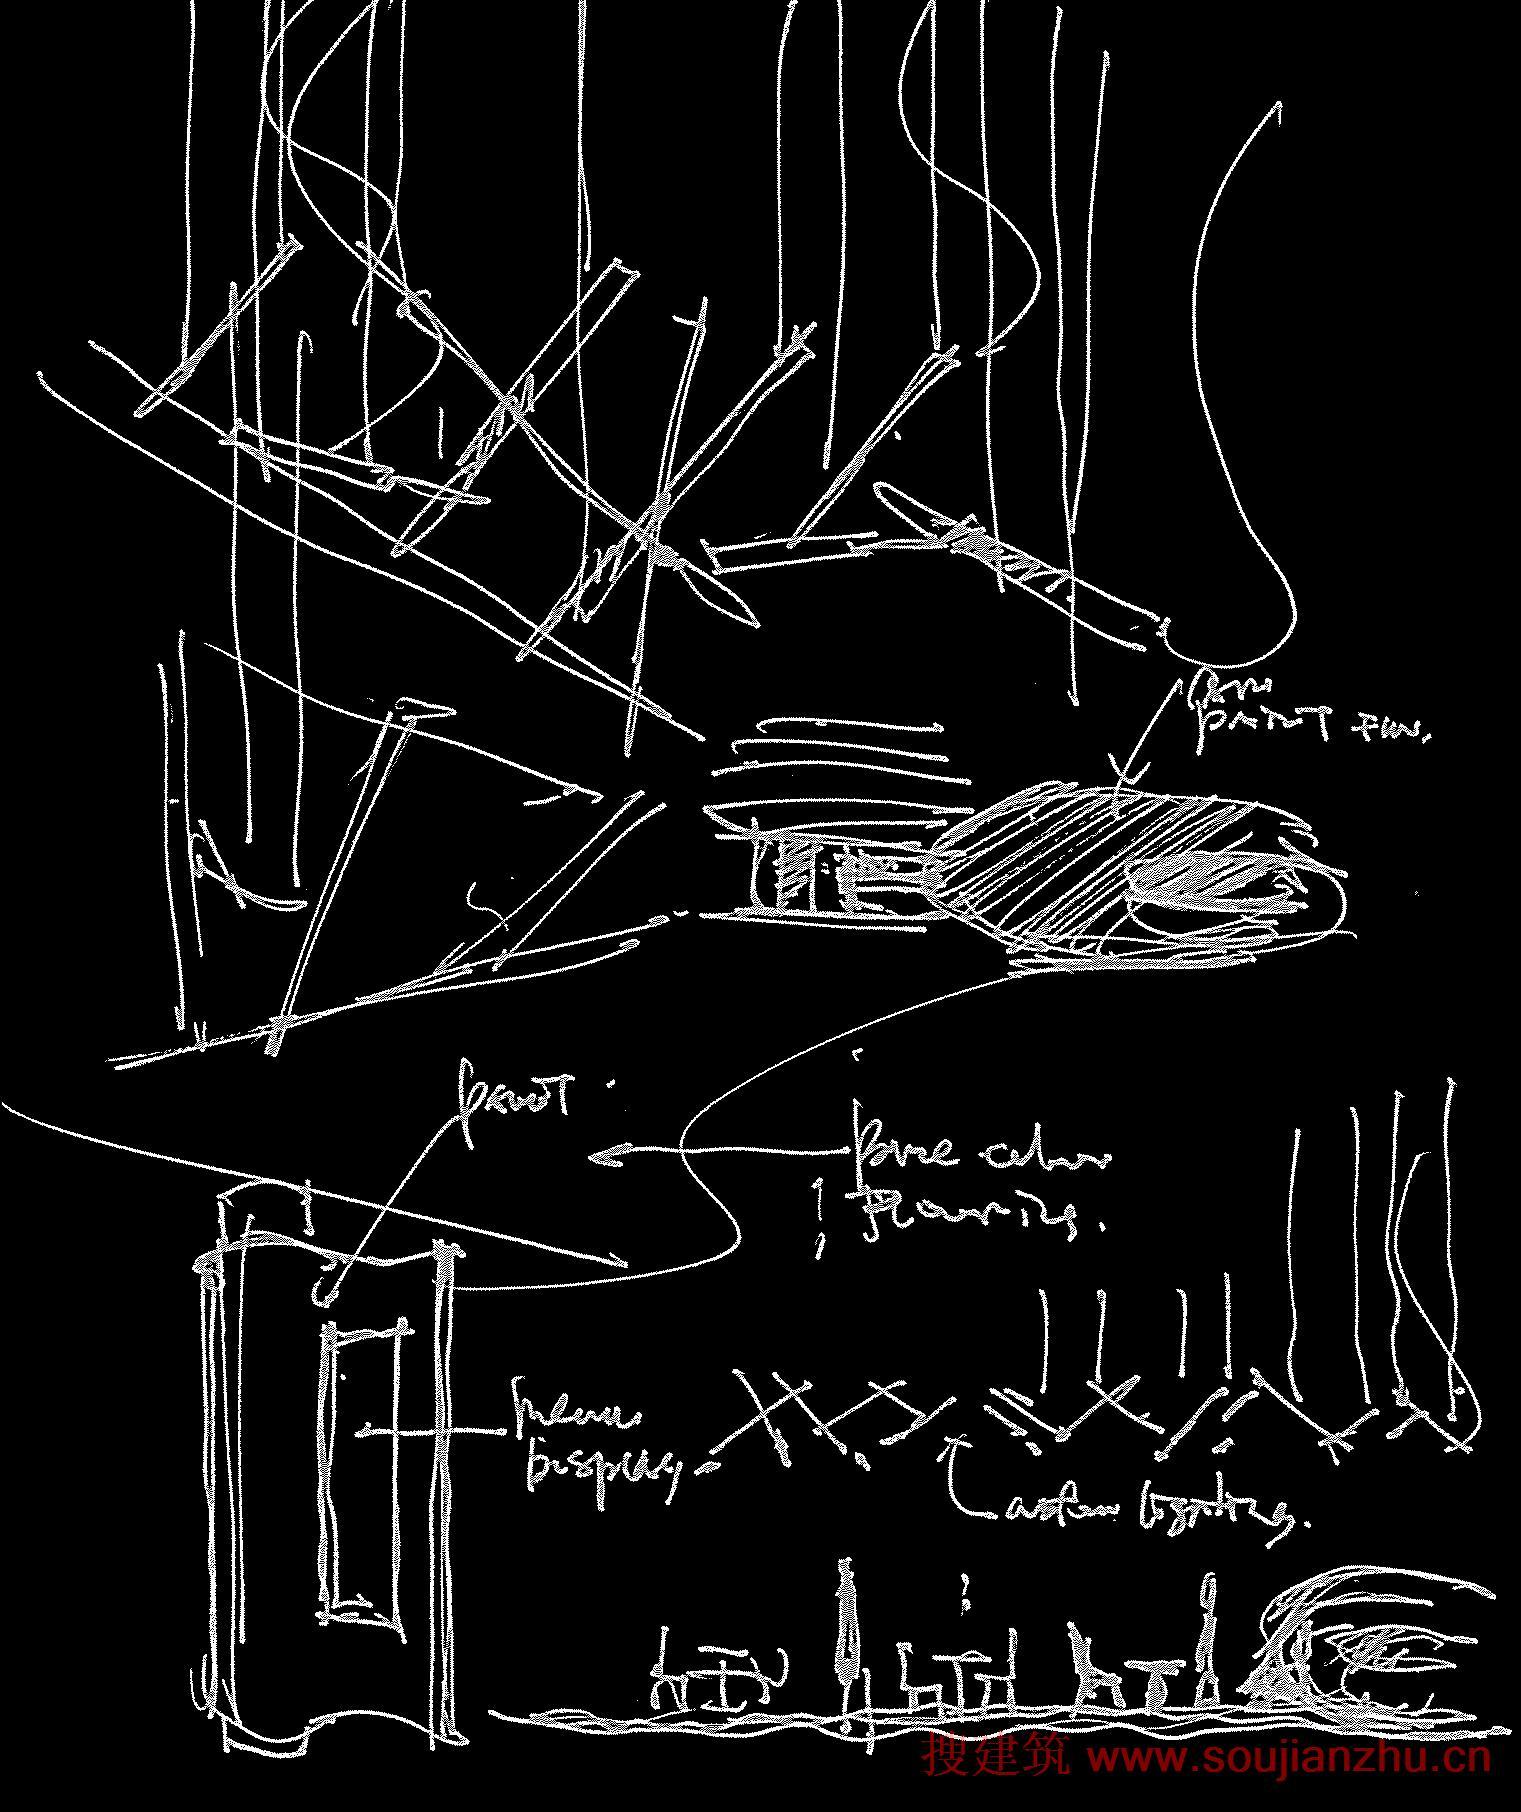 建筑师:One Plus Partnership Limited 地点:深圳 面积:150平方米 该项目是由One Plus Partnership Limited设计的,位于深圳湾华侨城港主题公园,Aix Arome咖啡馆是游客们感受到与海洋的共存的一个地方。巨大的蛋形结构放置在空间中央,同时包含收银和咖啡供应两种功能,它是一个区域定义了属于自己的美丽。展台标志性的外观的灵感来自于颜色暗淡的咖啡豆,令人惊讶的是,这样的事情是成人的方式快乐的味道的来源,从而在展台灰度是这个惊人的口味的可视化。